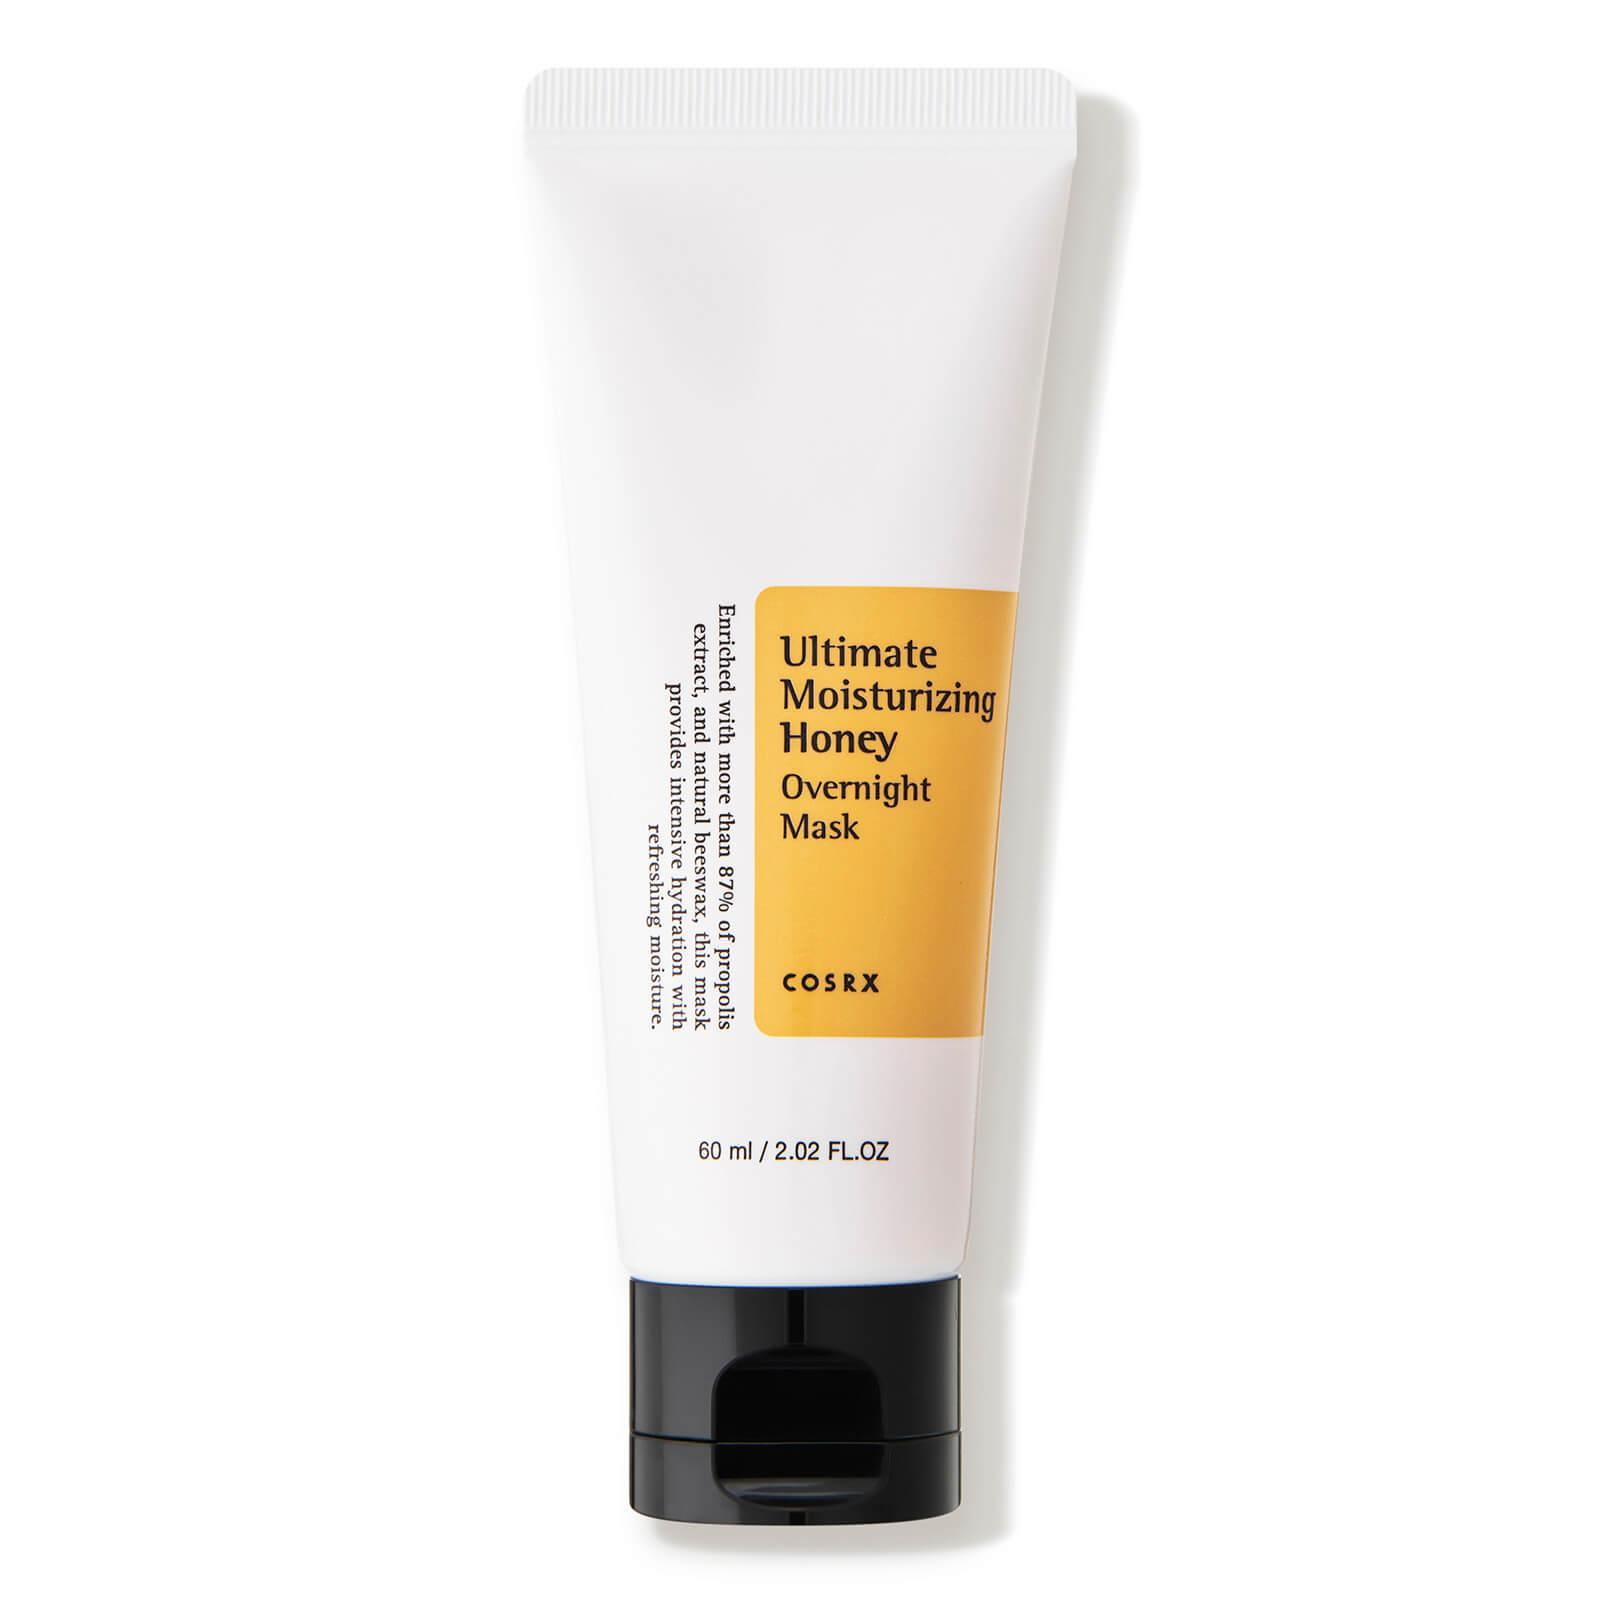 Купить Медовая интенсивно увлажняющая ночная маска для лица COSRX Ultimate Moisturizing Honey Overnight Mask 60г